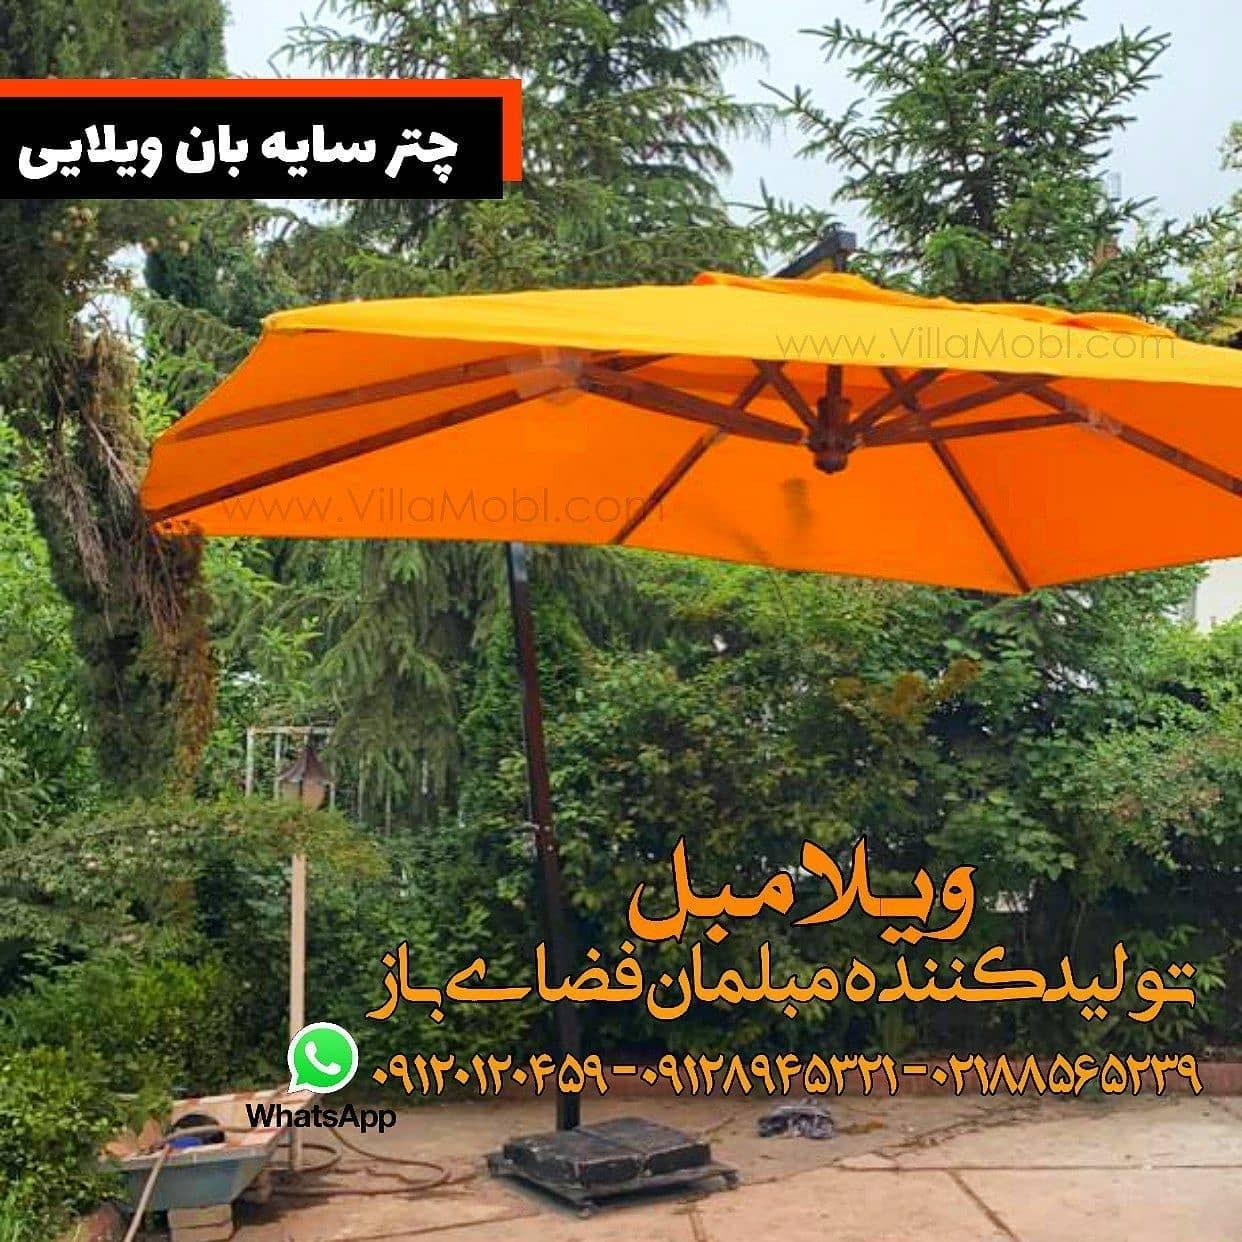 تصویر چتر باغی سایه بان پایه کنار مربع 4در4متر